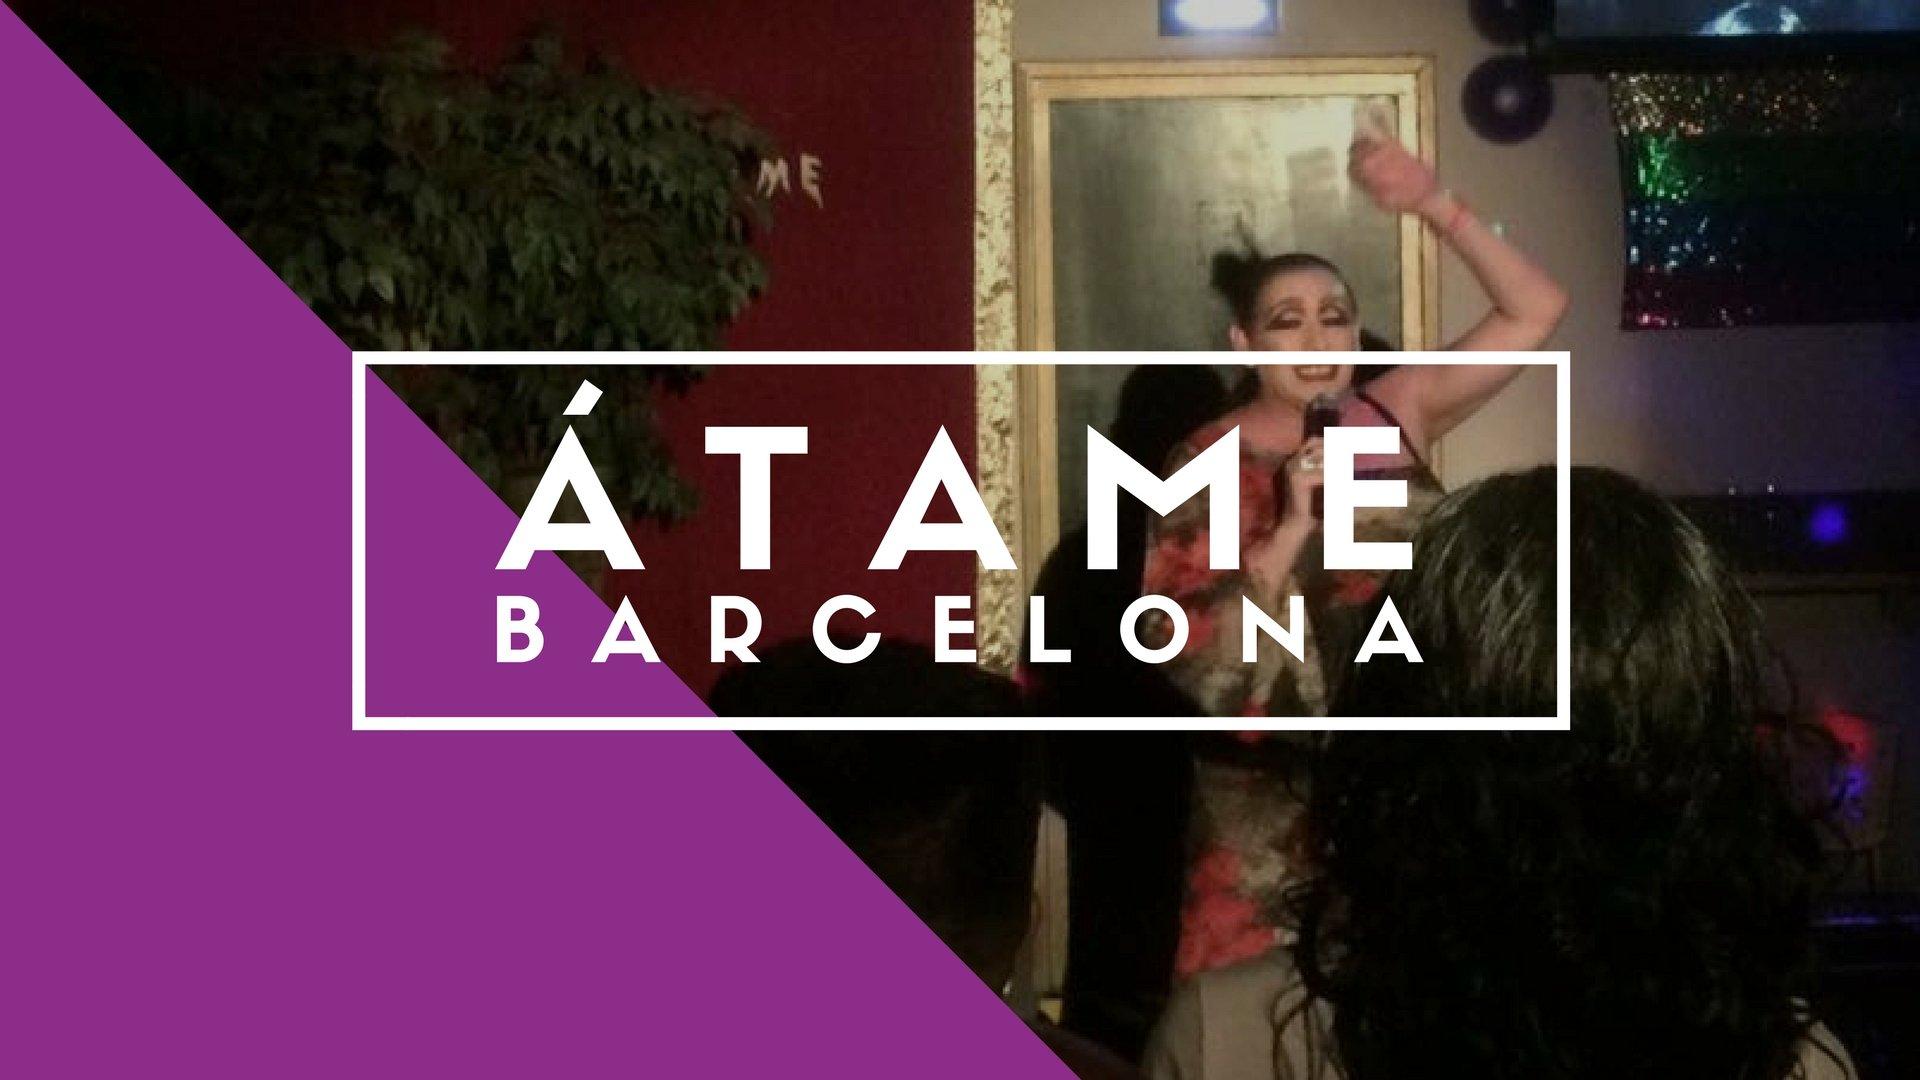 Átame, Barcelona